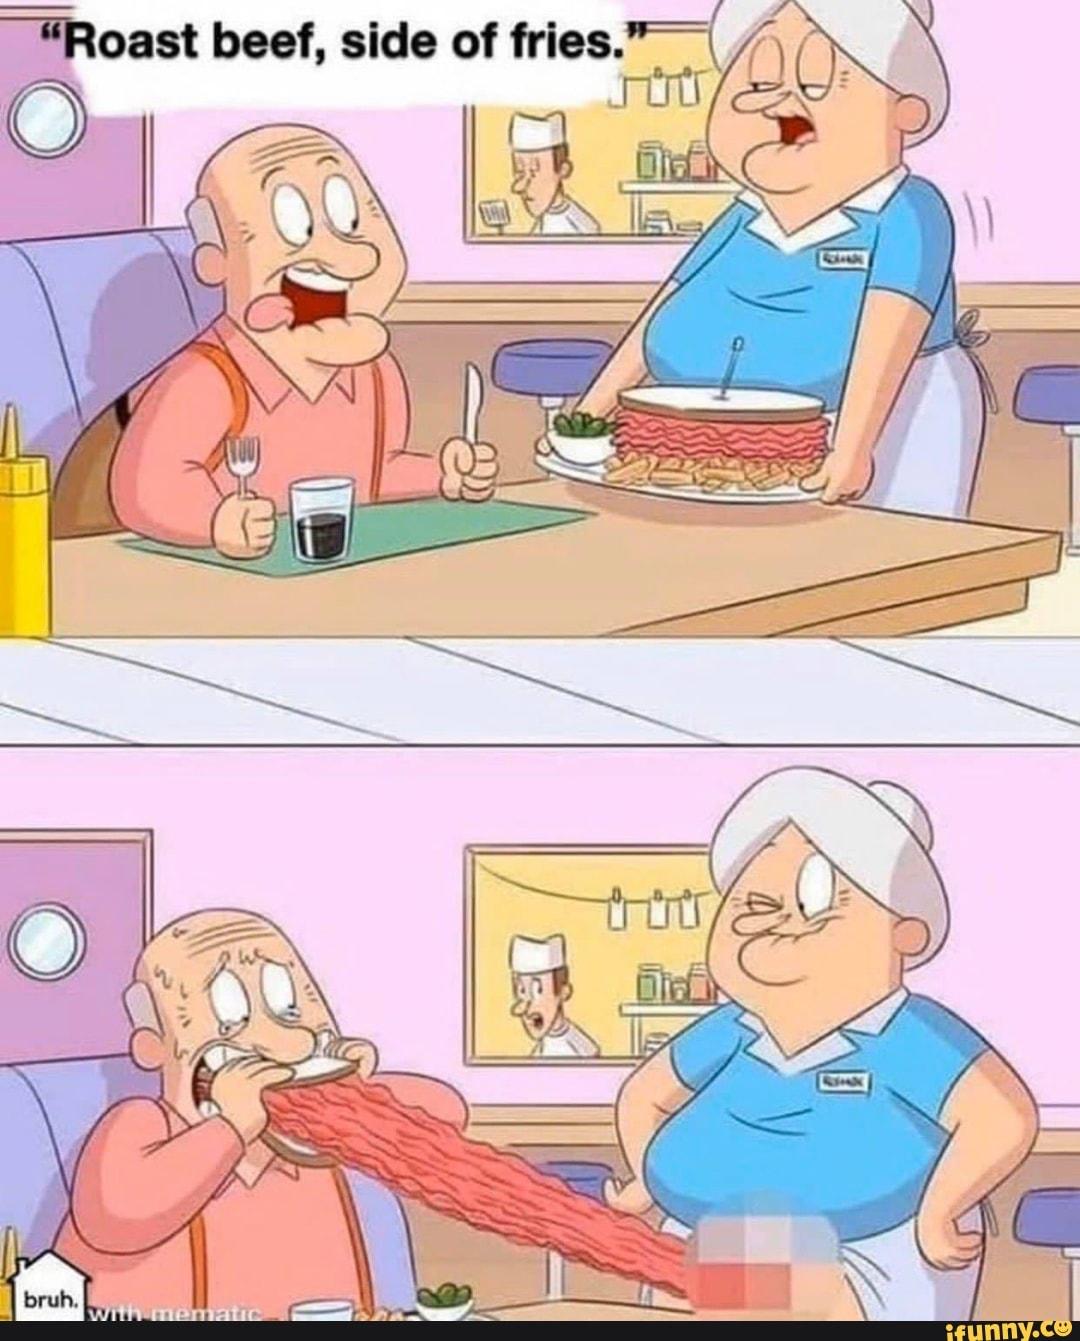 Roast Beef Meme : roast, Roast, Beef,, Fries.-, IFunny